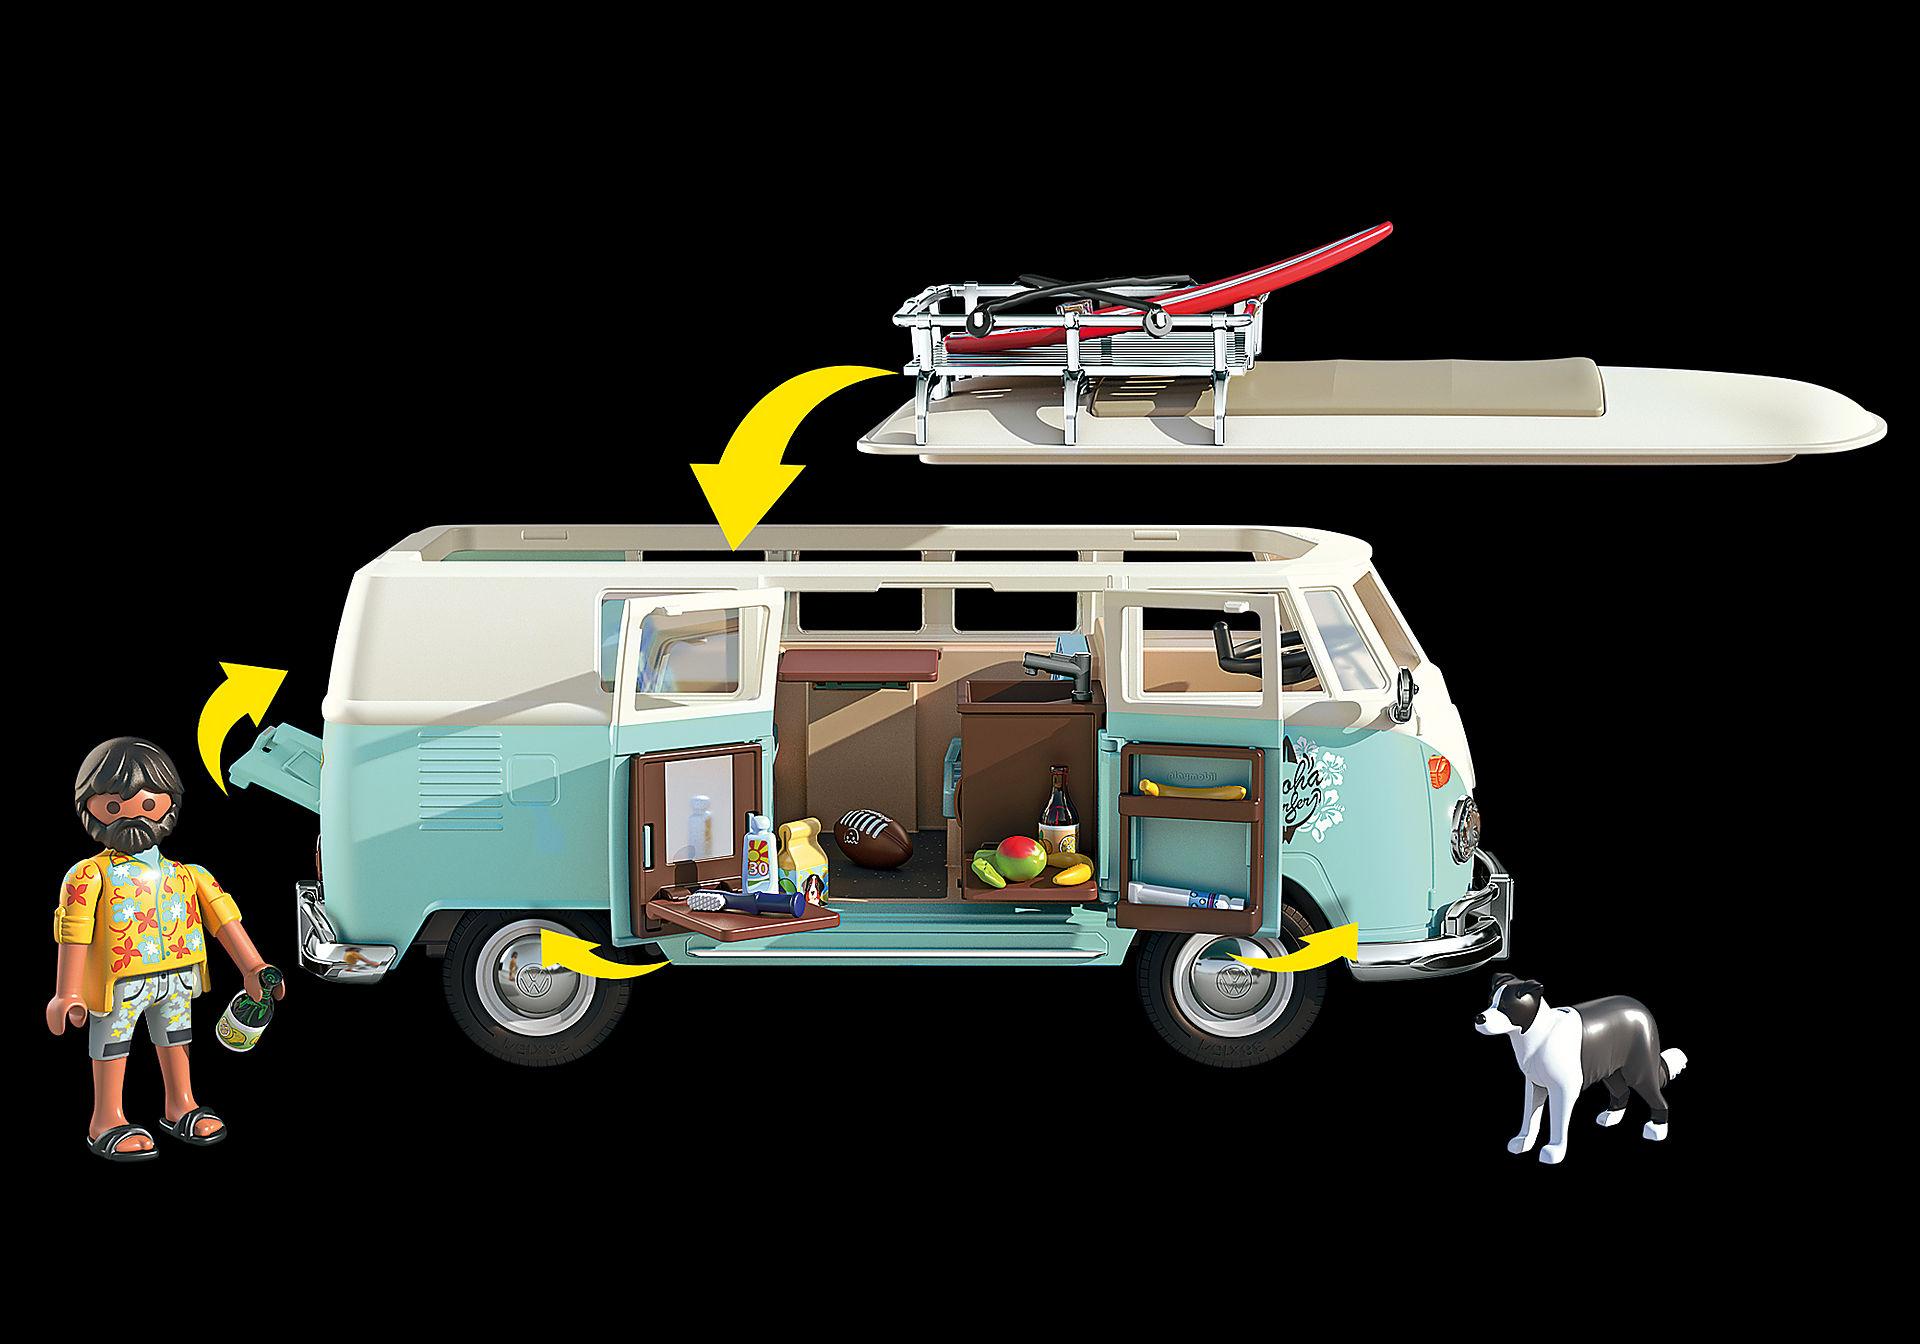 70826 Volkswagen T1 Camping Bus - Edición especial zoom image5